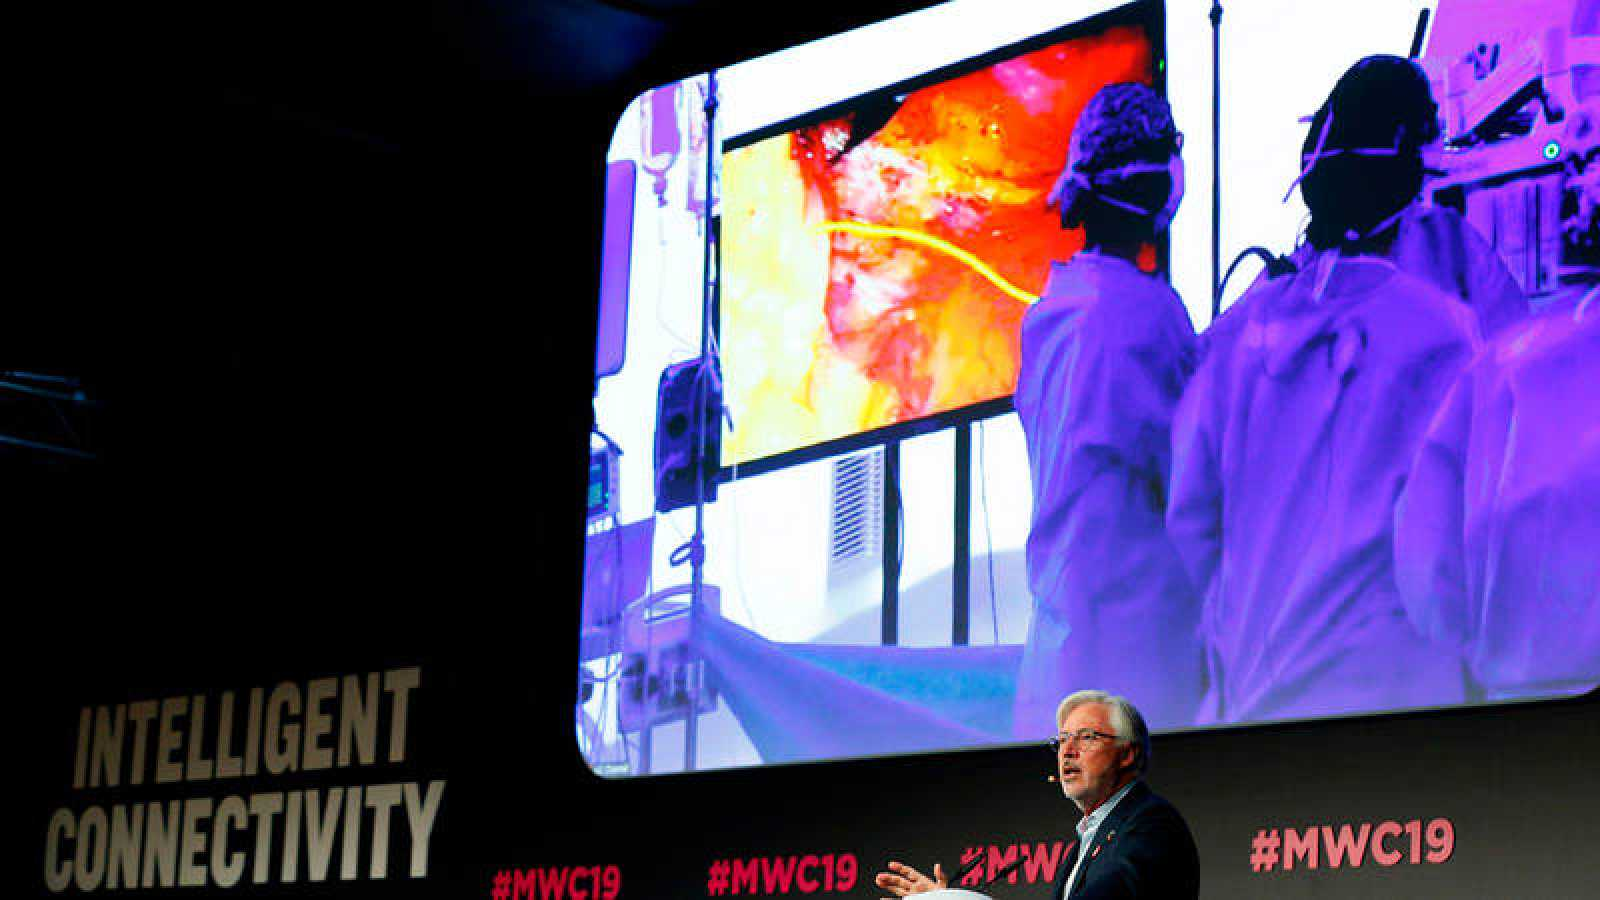 El doctor Antonio de Lacy, en la parte inferior de la imagen, supervisa la operación a distancia, desde el MWC.